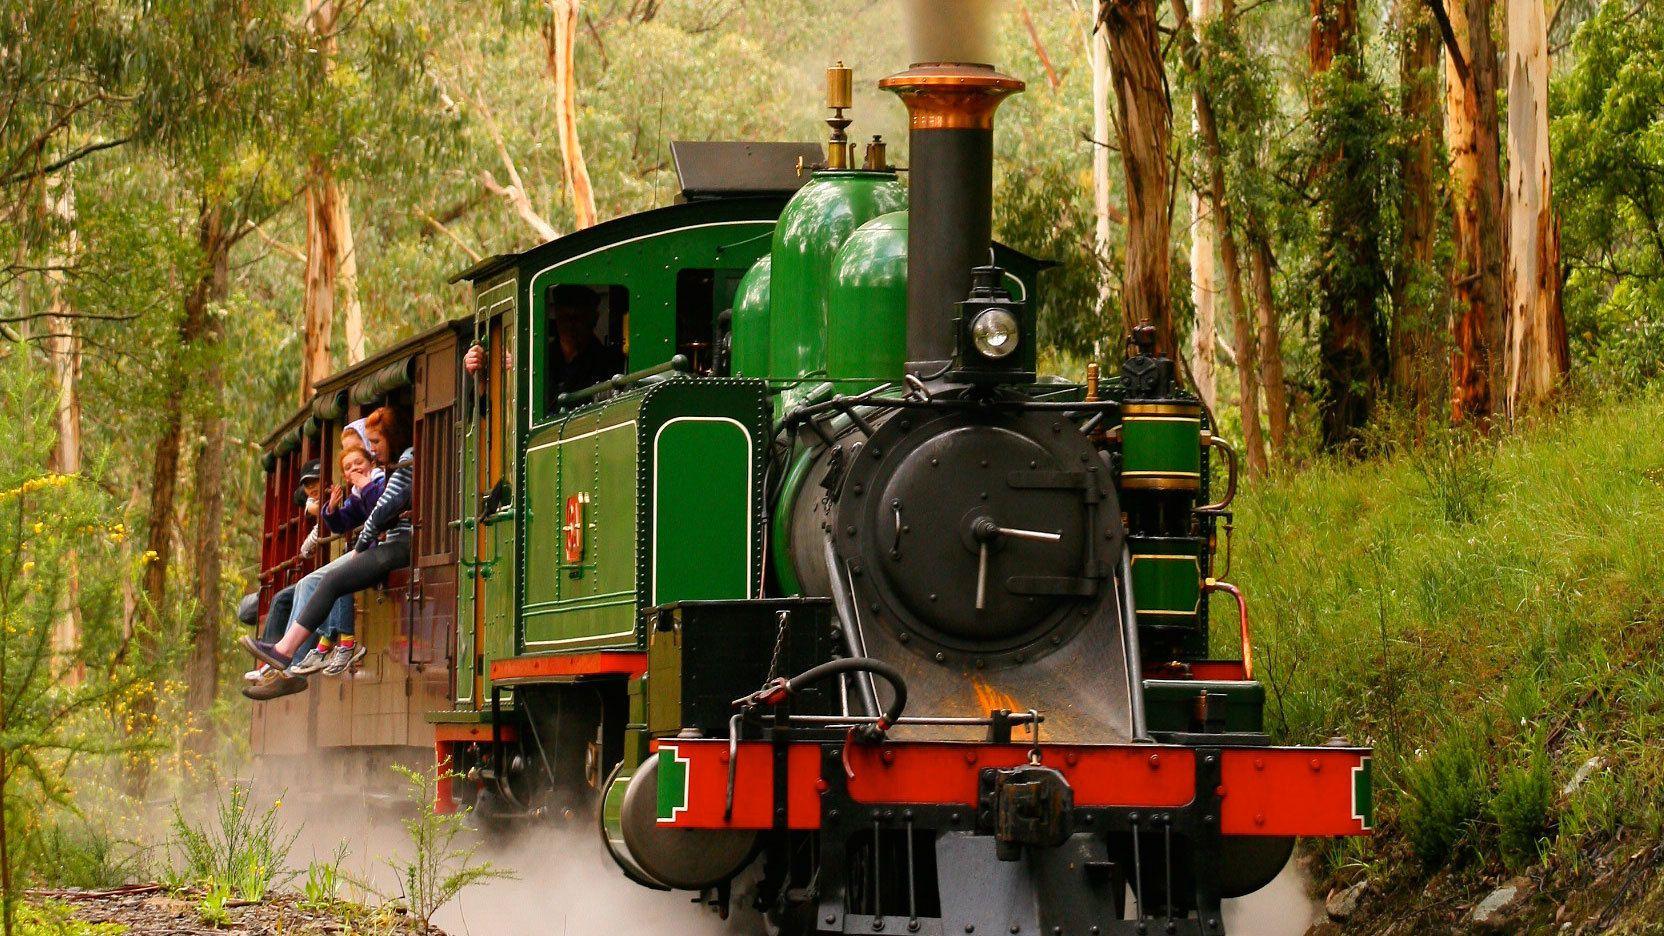 Steam train in Dandegnong